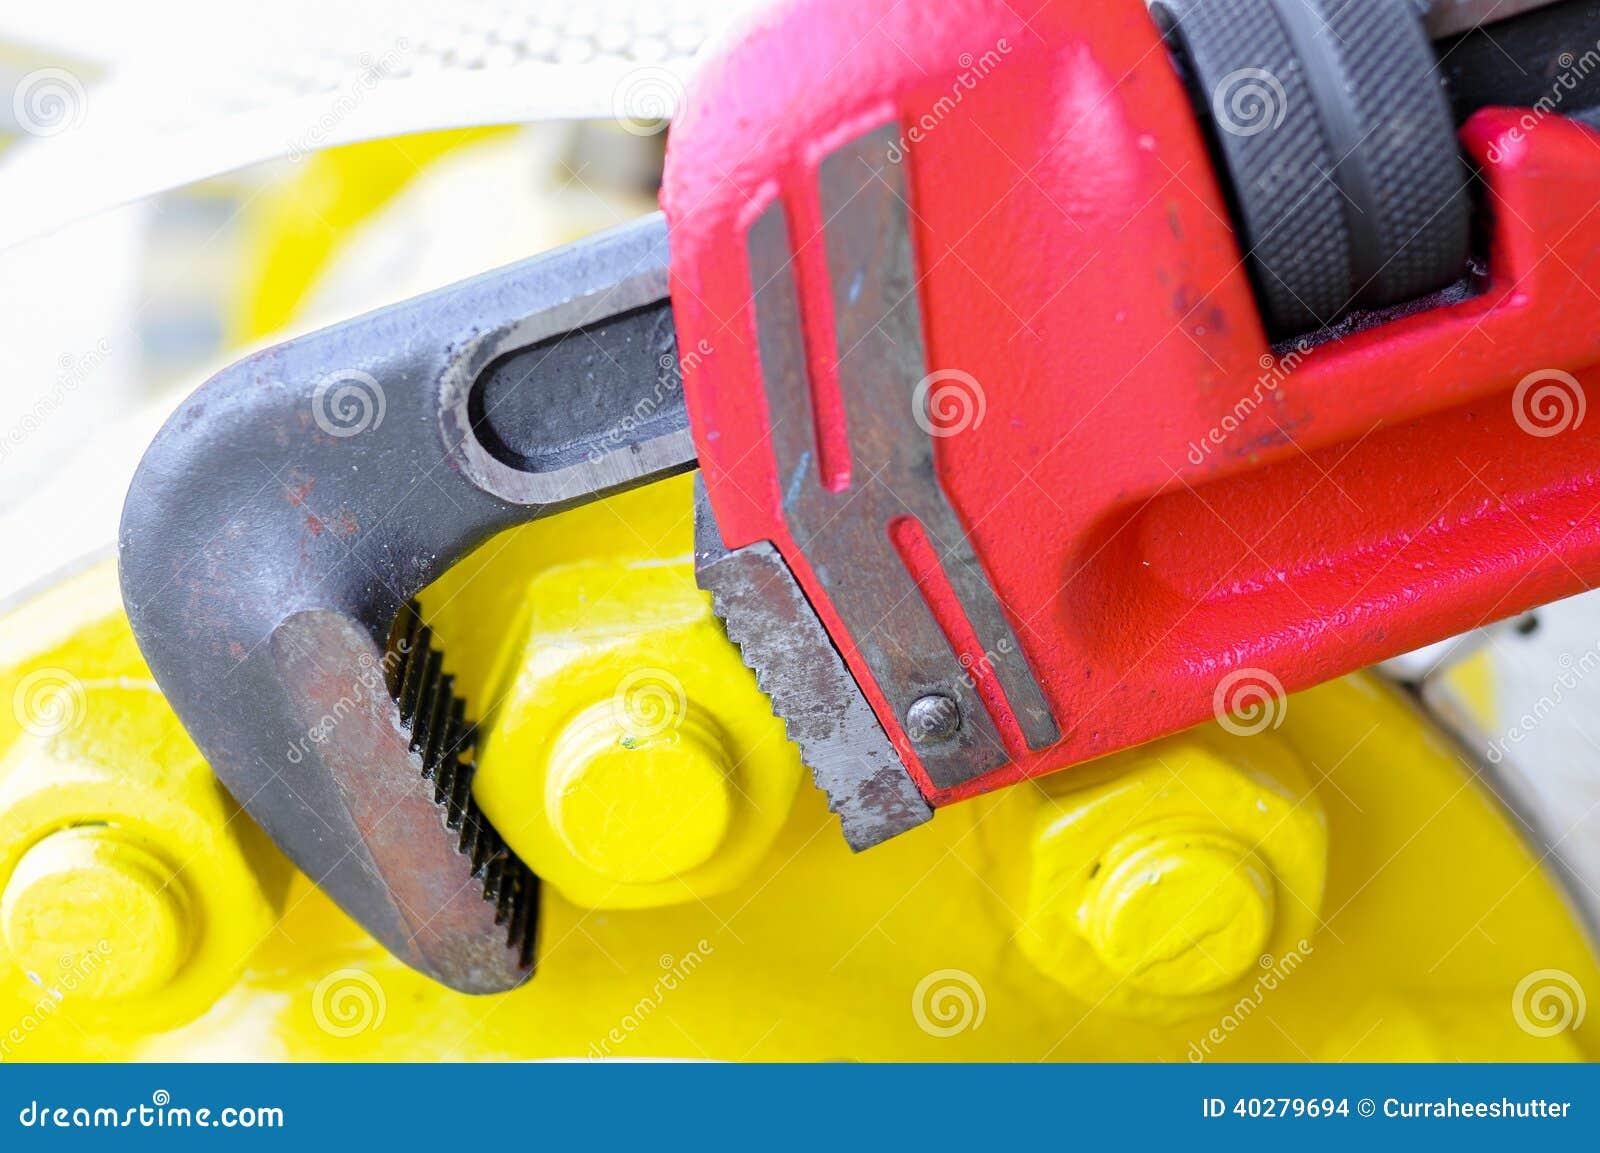 Ключ ключа для труб или плоскогубцев, оборудование инструментов для пользы в тяжелой работе.